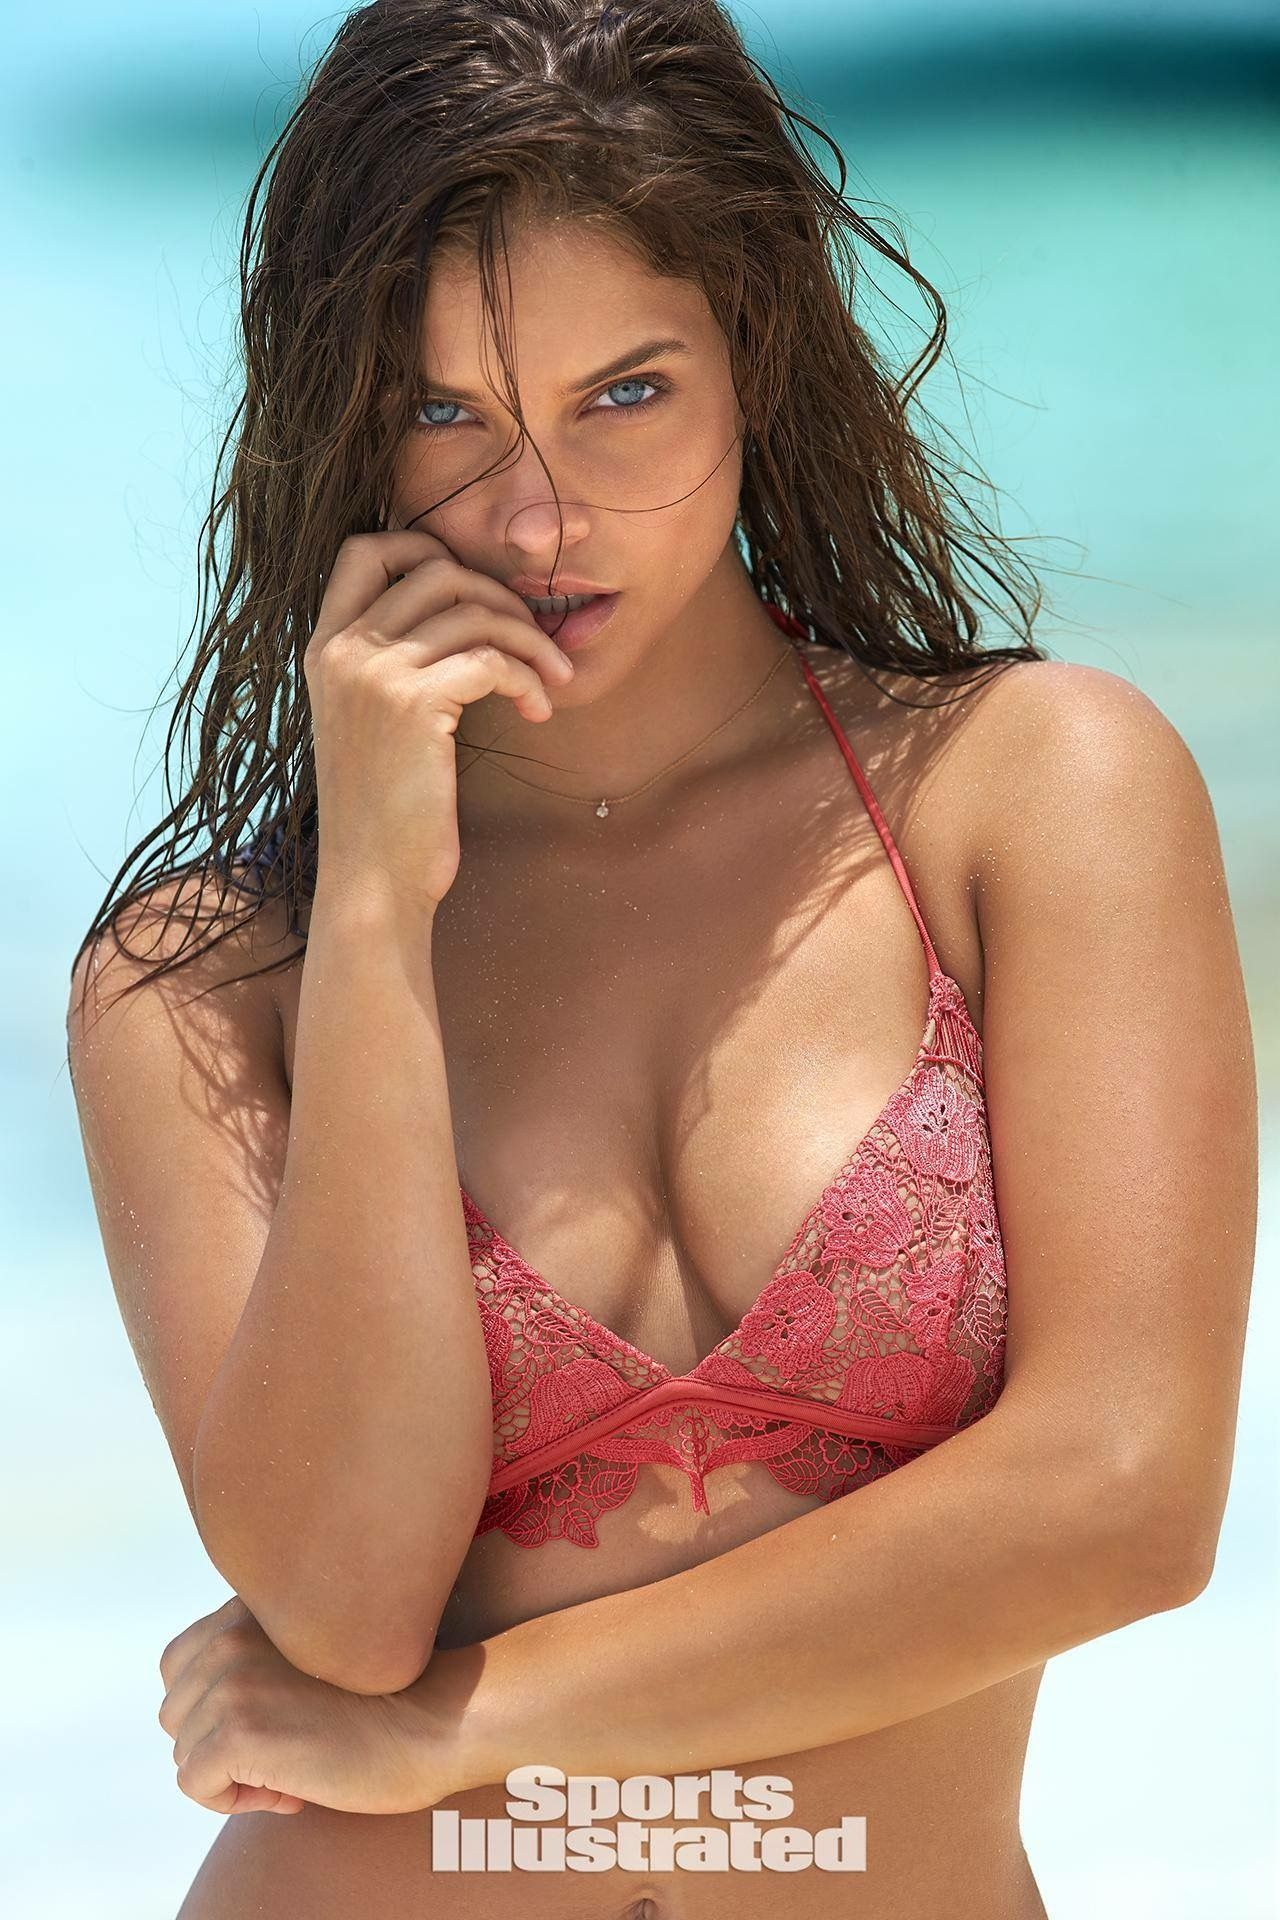 Cadillac reccomend Barbara dare bikini